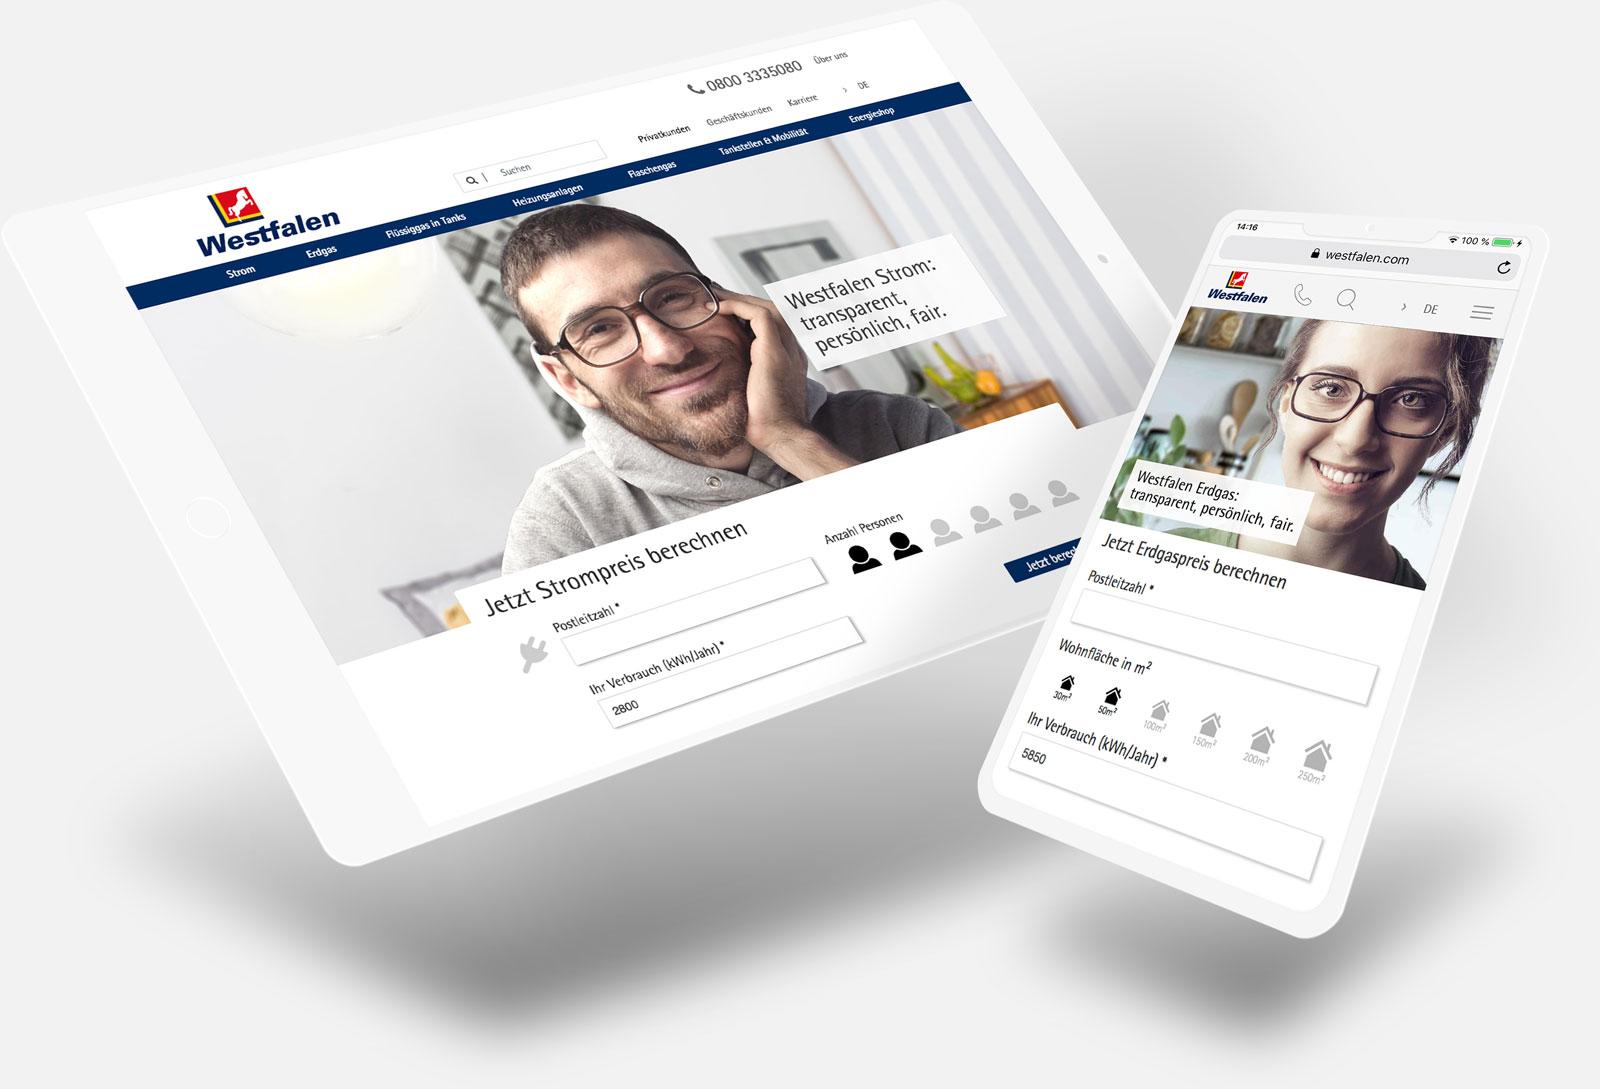 Responsiver Webshop der Westfalen AG in Hybris und Typo3